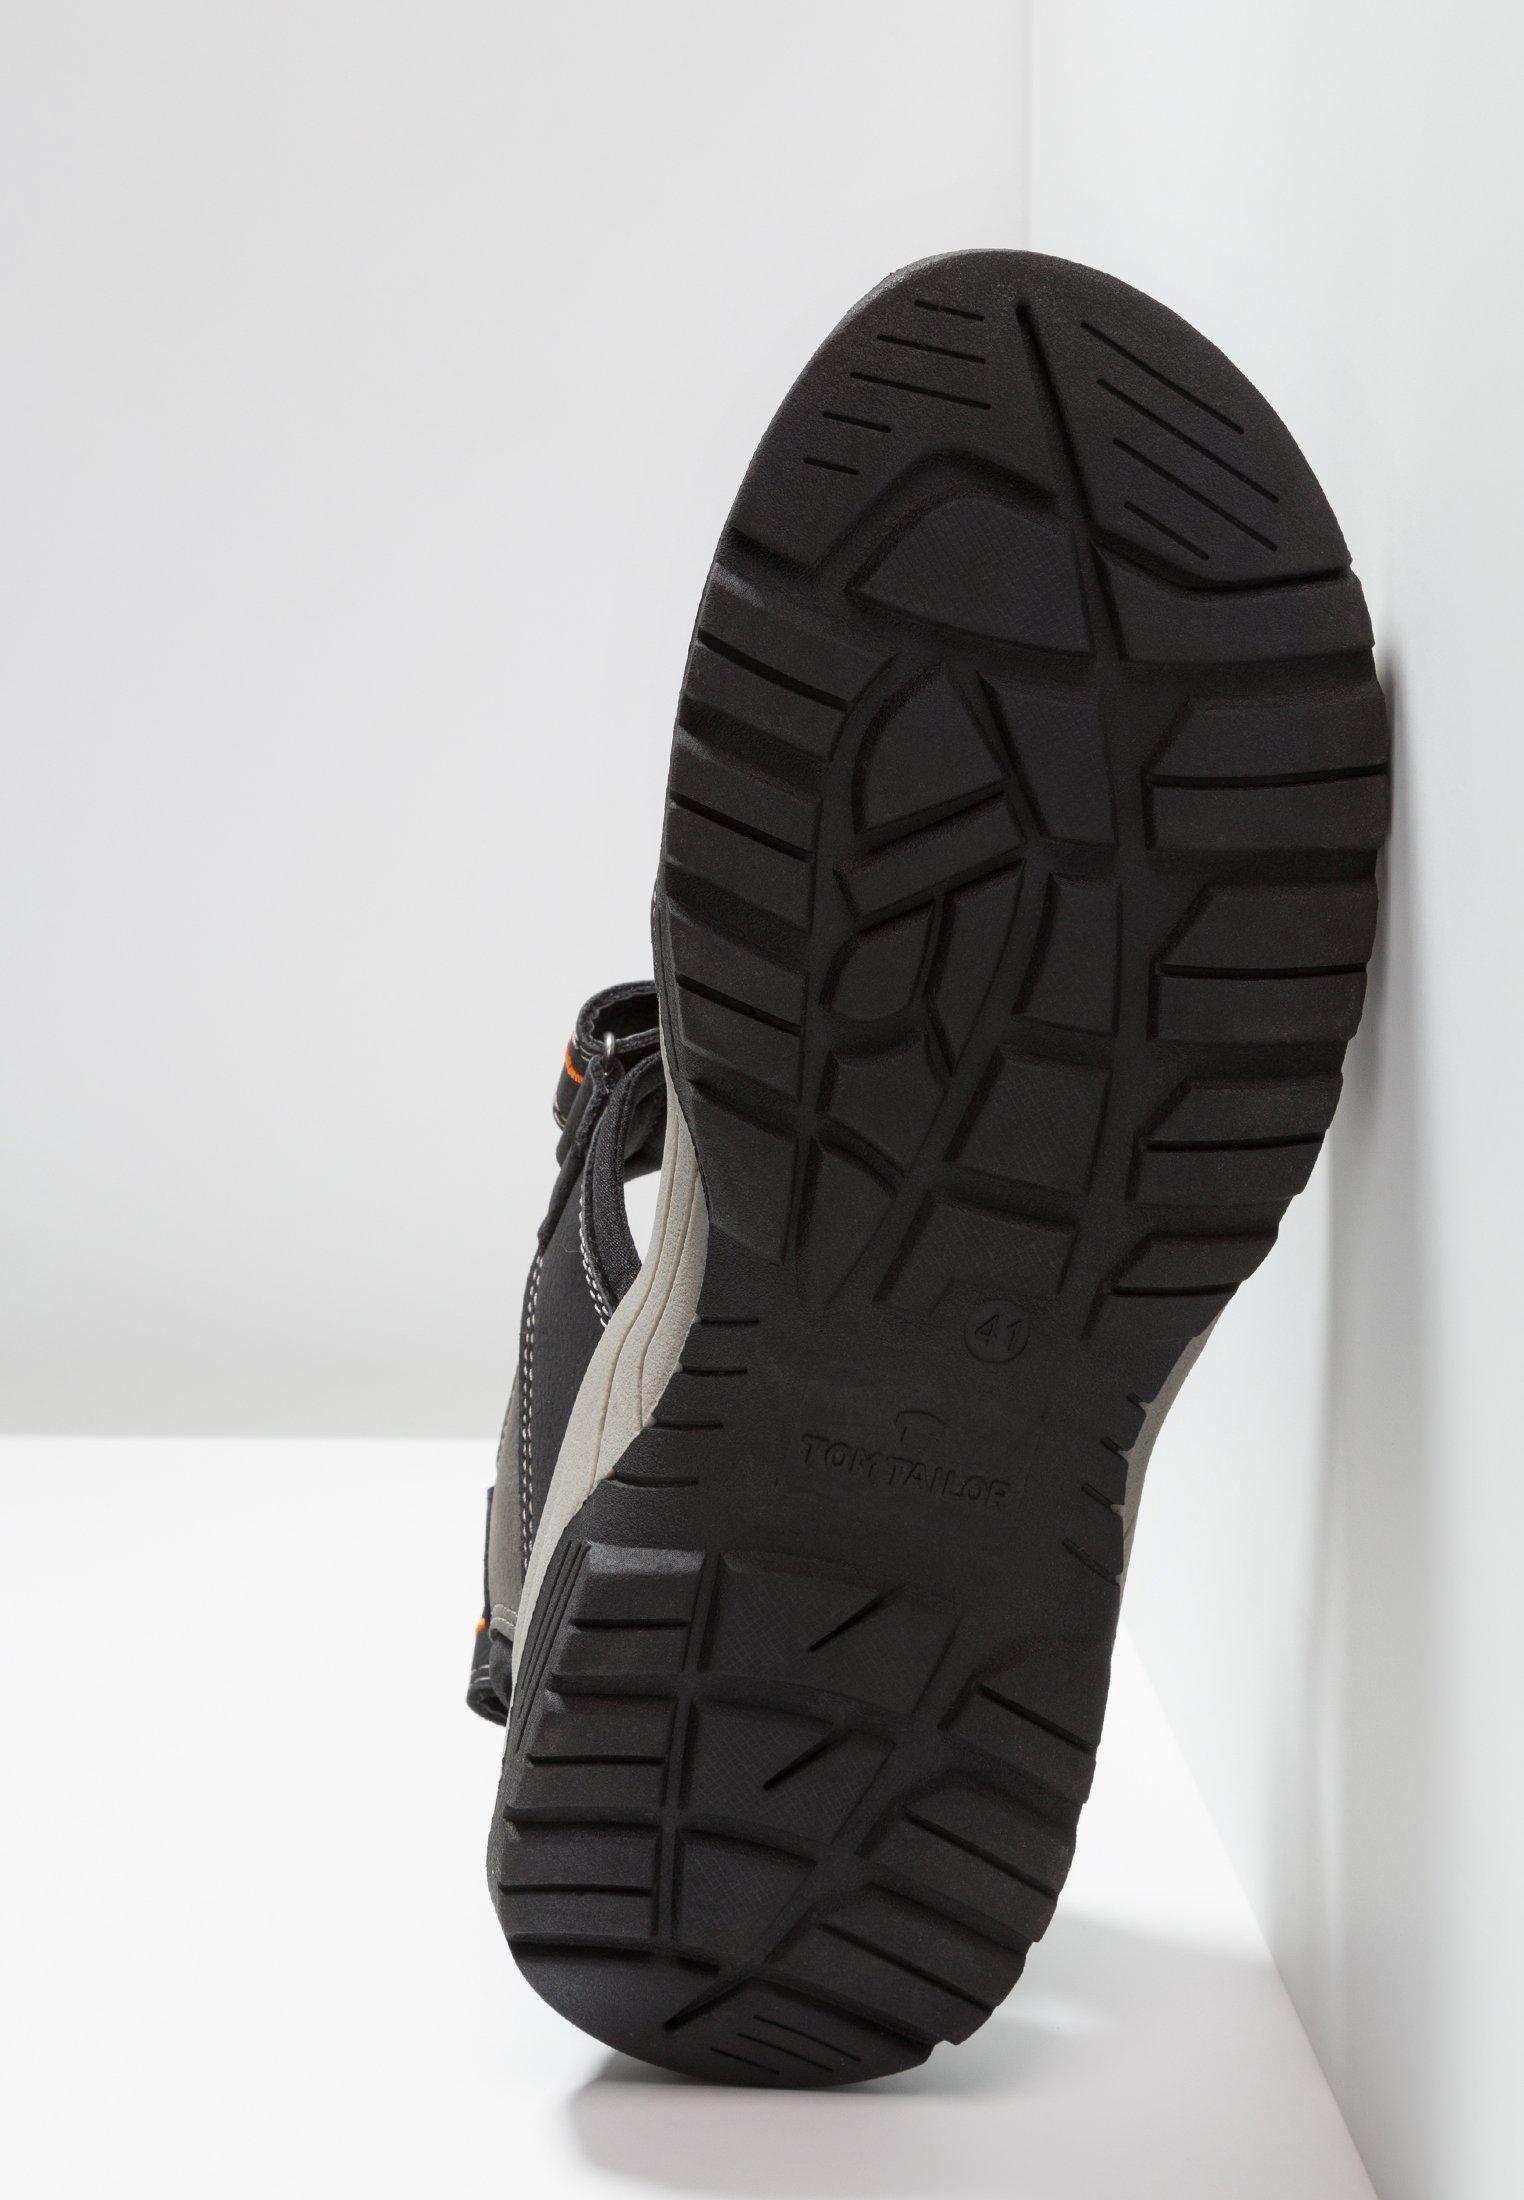 TOM TAILOR CASUAL - Sandales de randonnée black